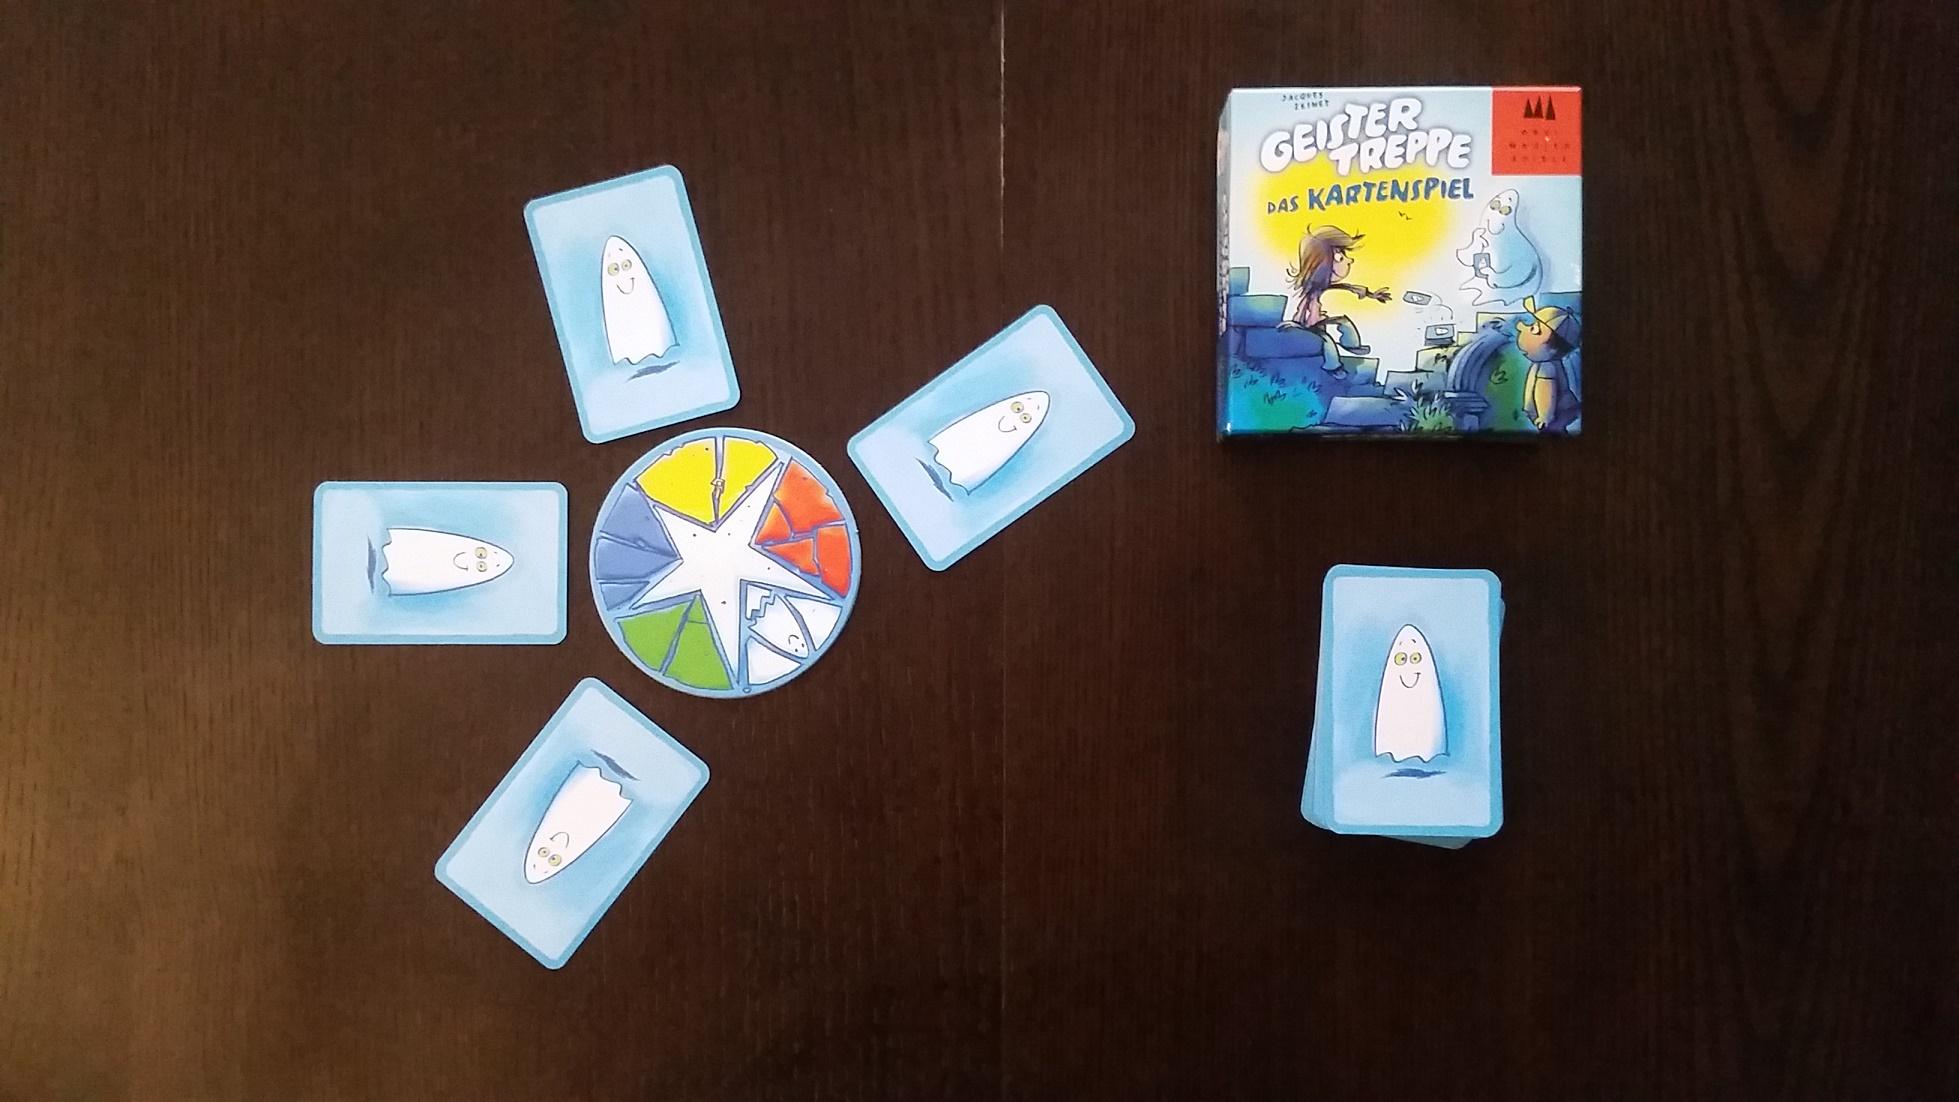 Geistertreppe das Kartenspiel (1)